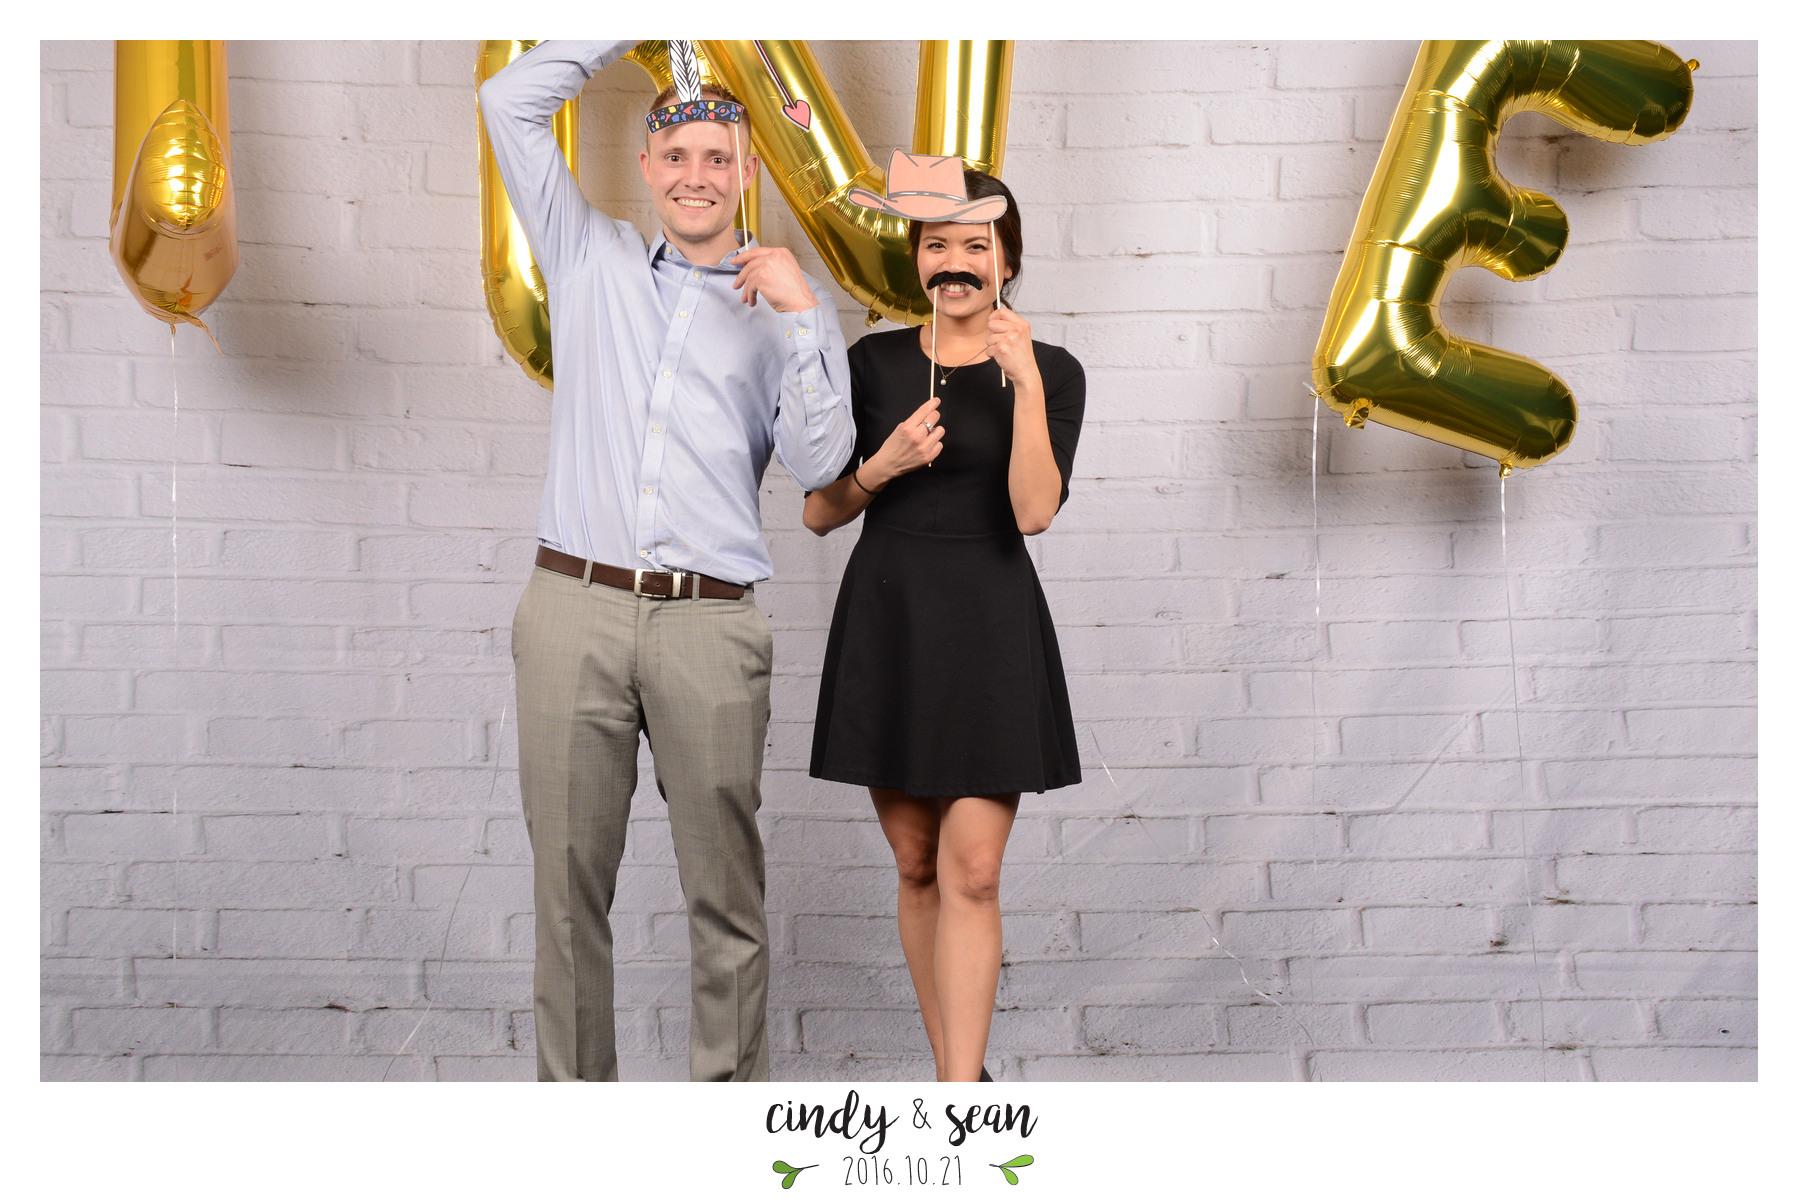 Cindy Sean Bae - 0001-102.jpg